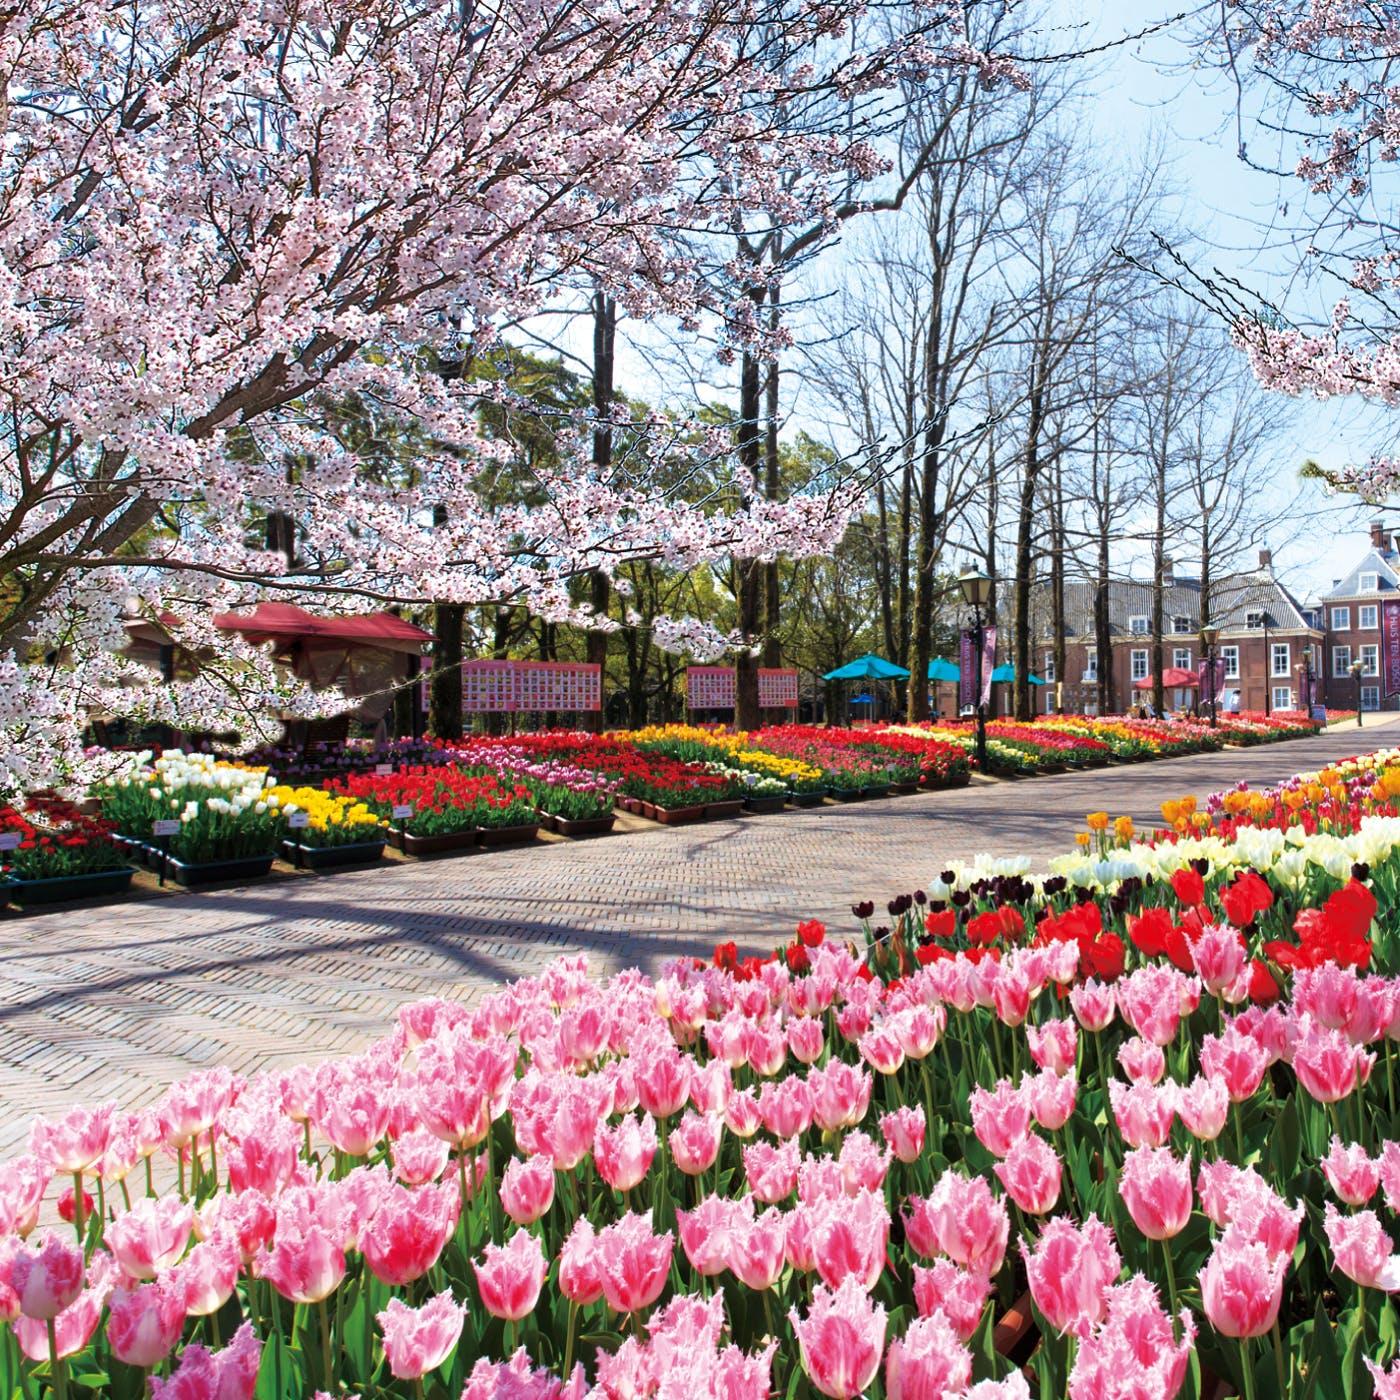 桜とチューリップで感じる春の訪れ